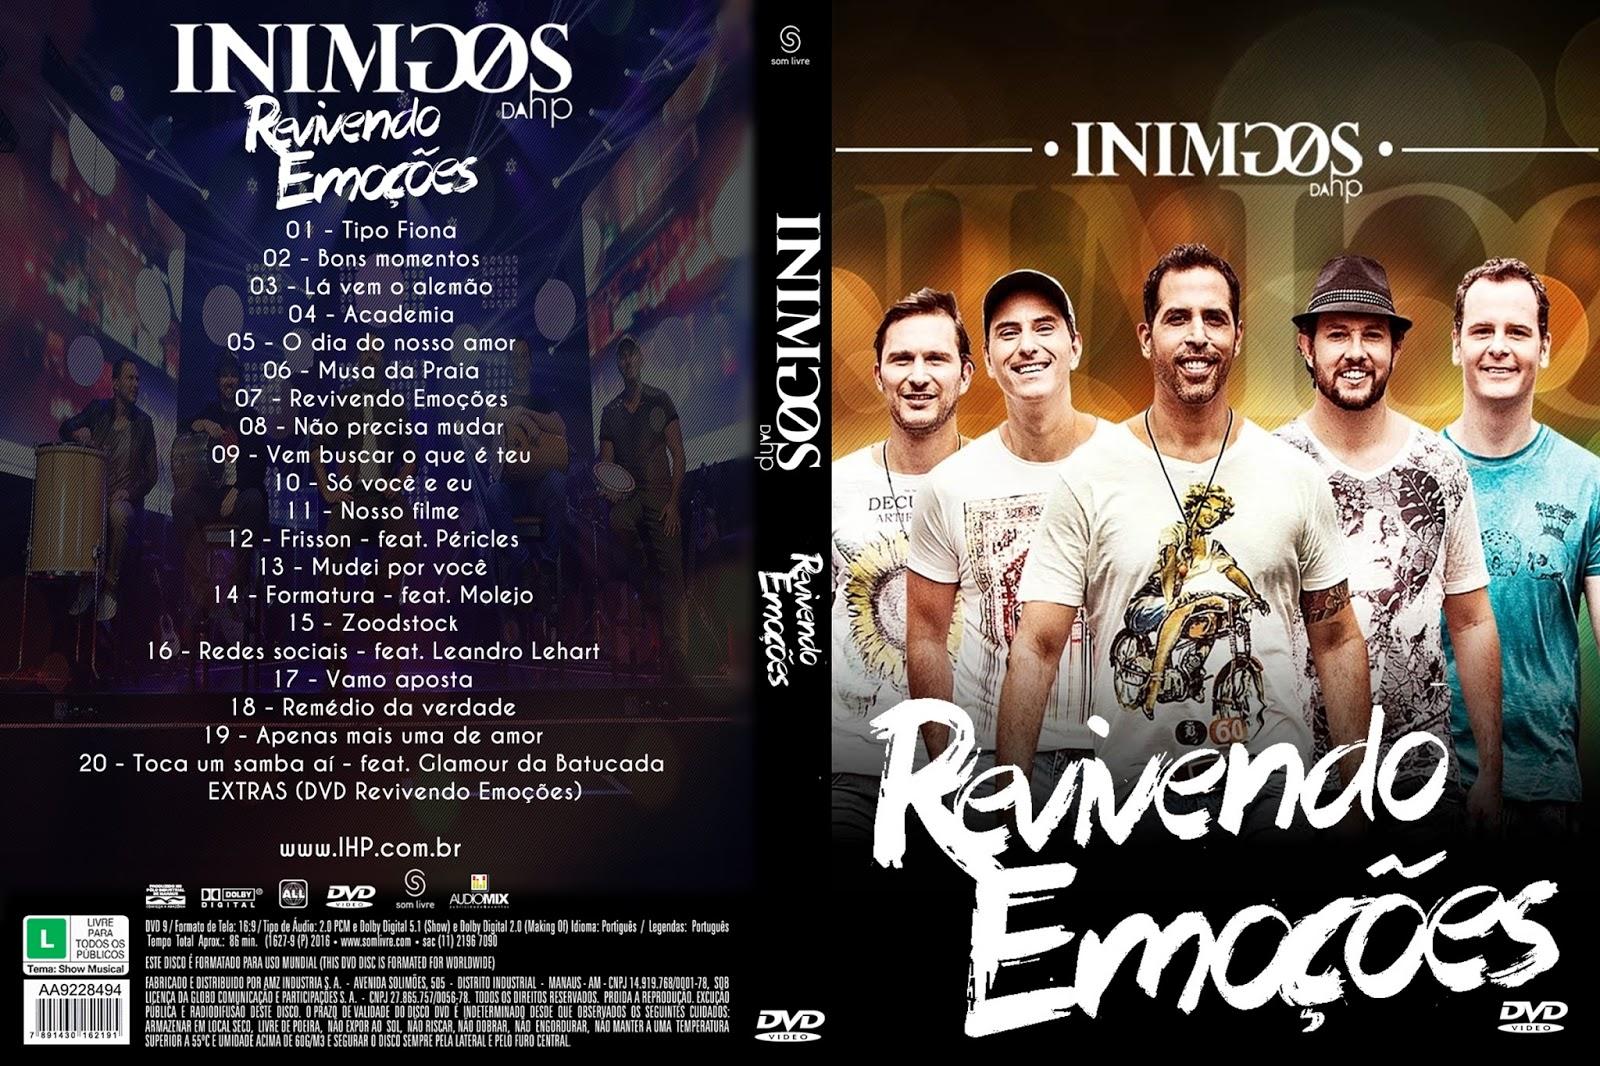 Inimigos da HP Revivendo Emoções Inimigos da HP Revivendo Emoções Inimigos 2Bda 2BHP 2BRevivendo 2BEmo 25C3 25A7 25C3 25B5es 2BDVD 2BXANDAODOWNLOAD